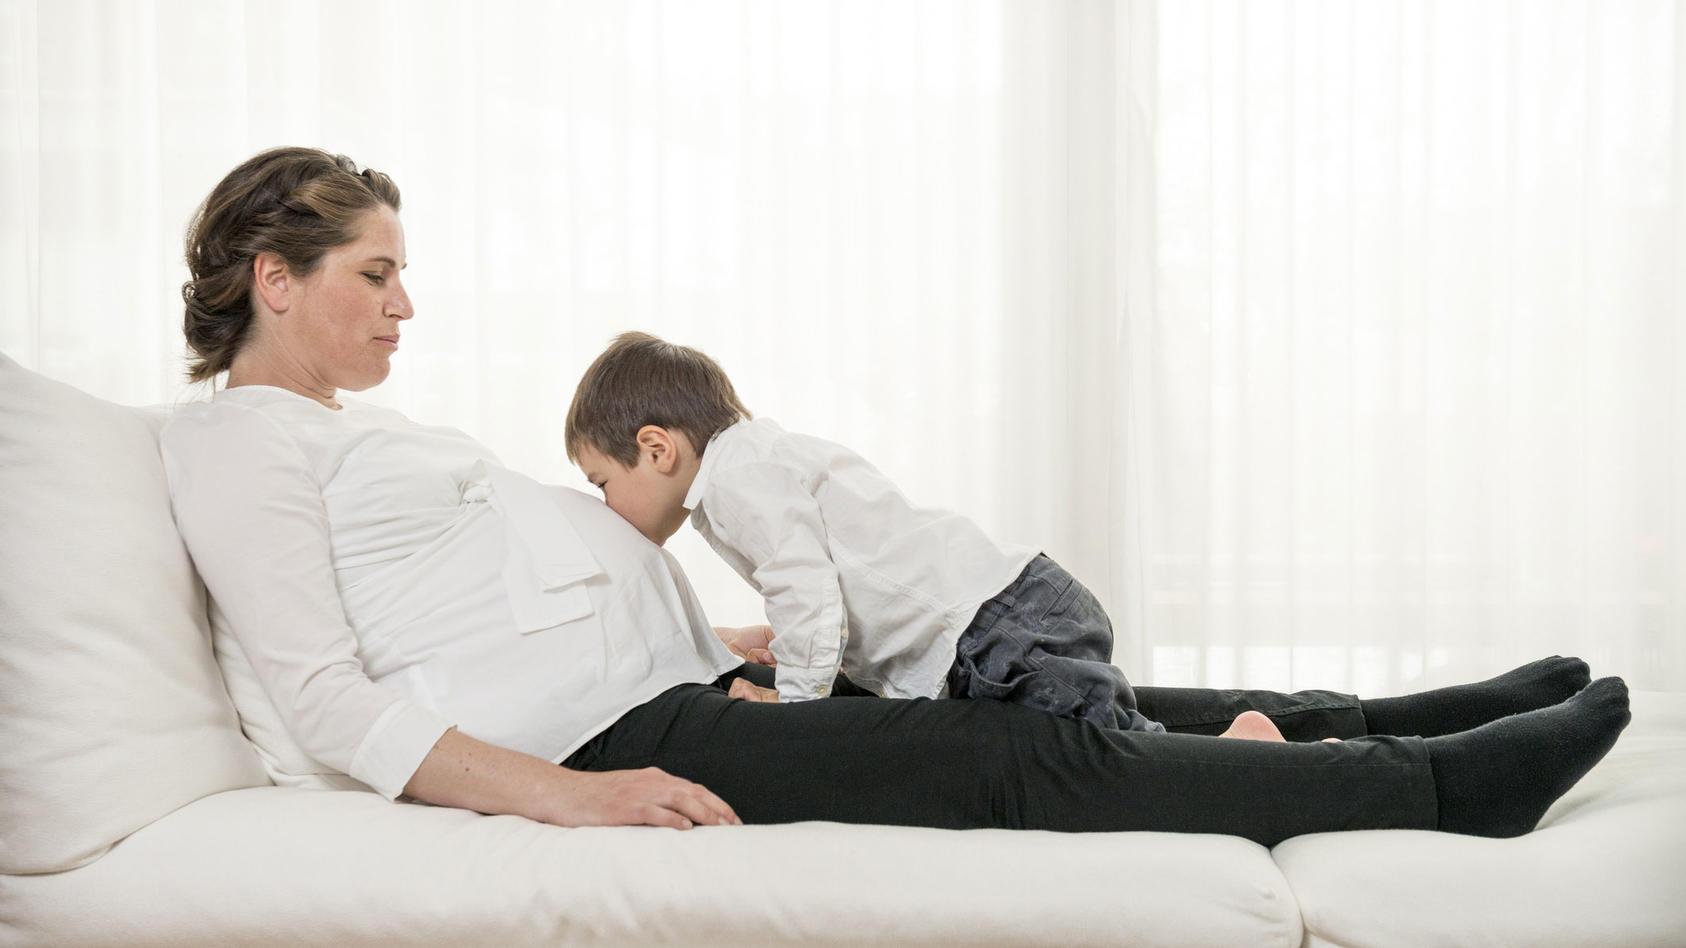 Wenn Mama hochschwanger ist und der Arzt maximales Schonen verordnet, wird der Alltag für junge Familien ohne zusätzliche Hilfe oft schwer.